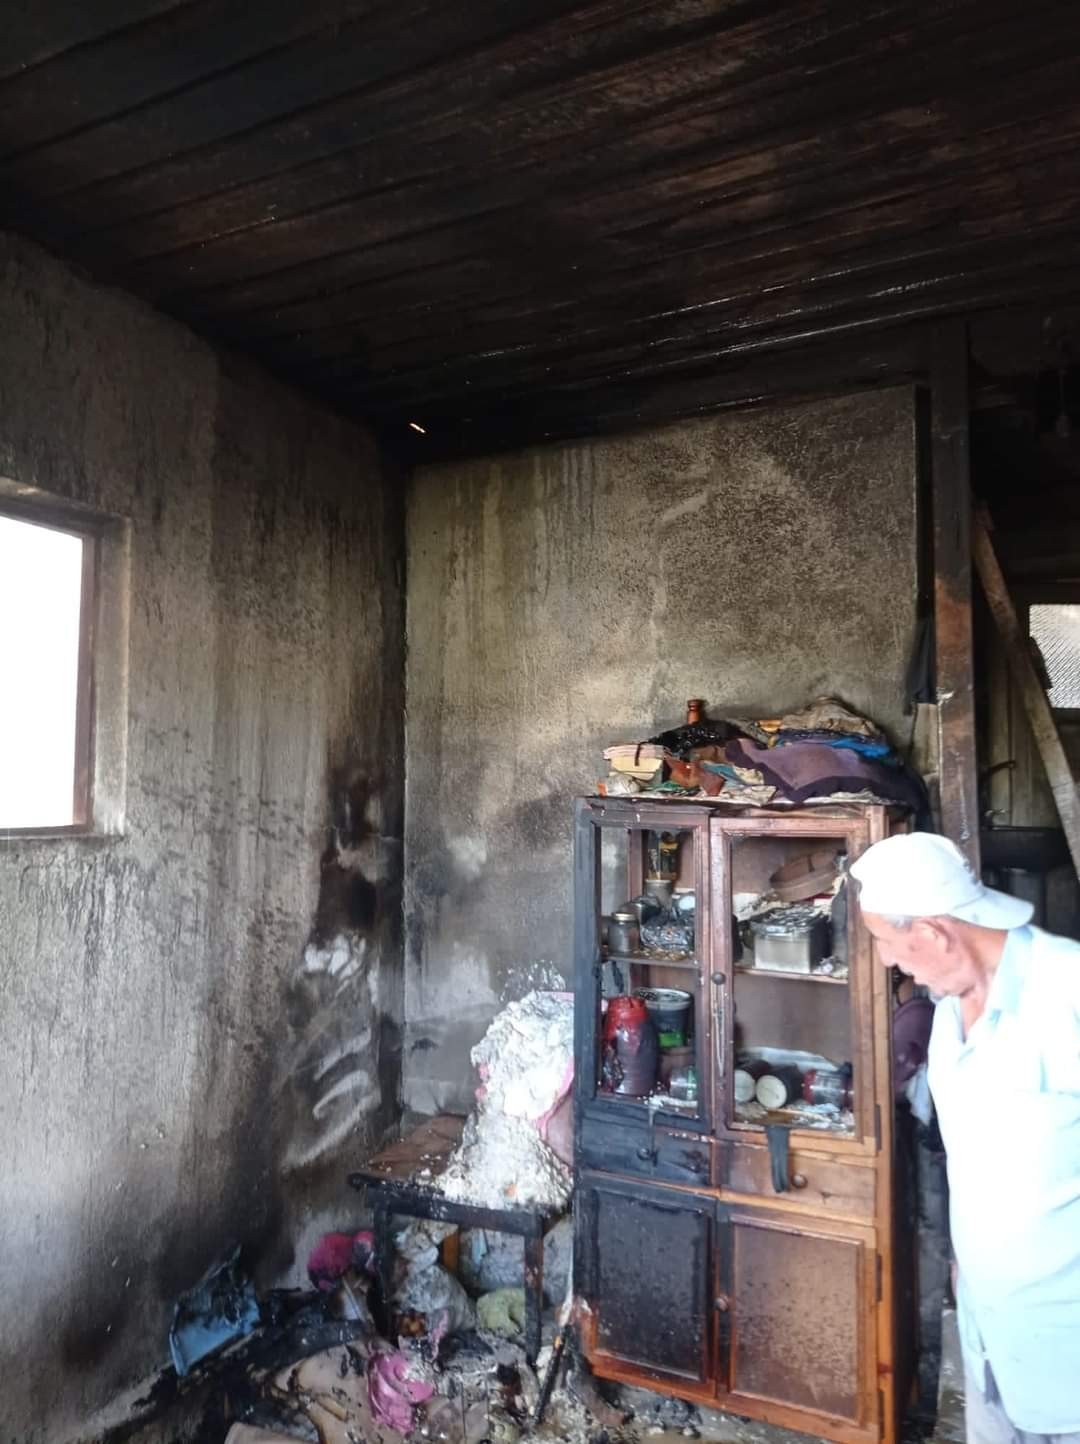 Evi yanan alheizmer hastası kadın ölümden döndü #corum